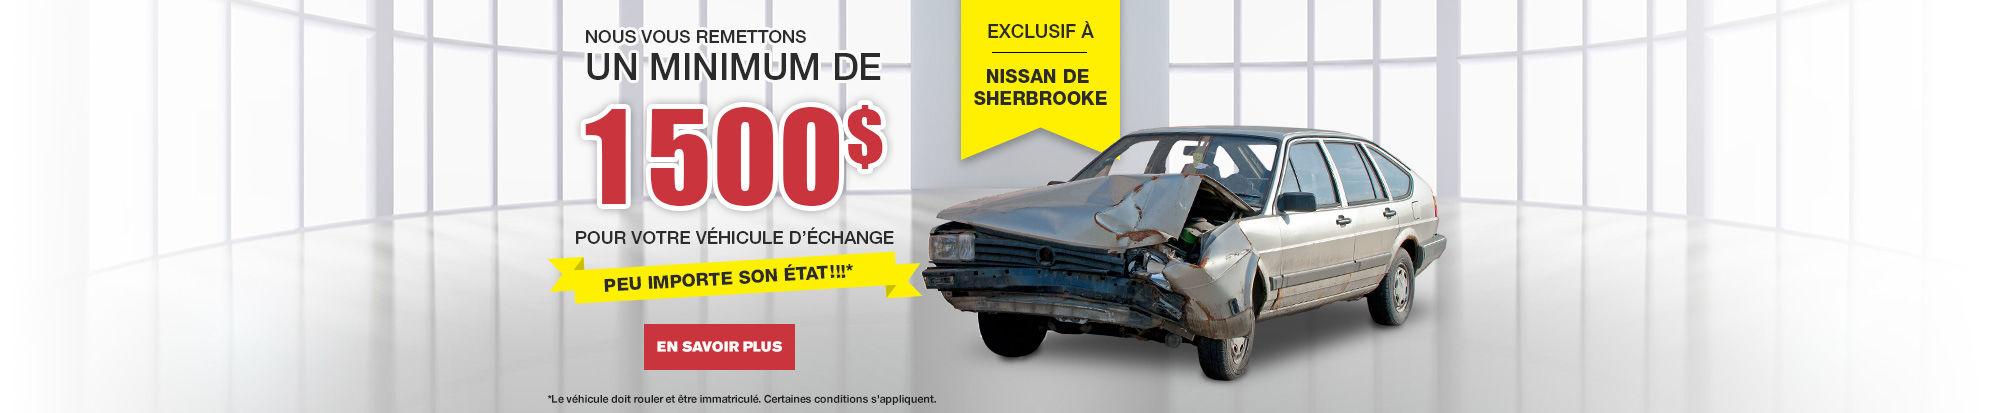 Minimum de 1 500$  pour votre véhicule d'échange!